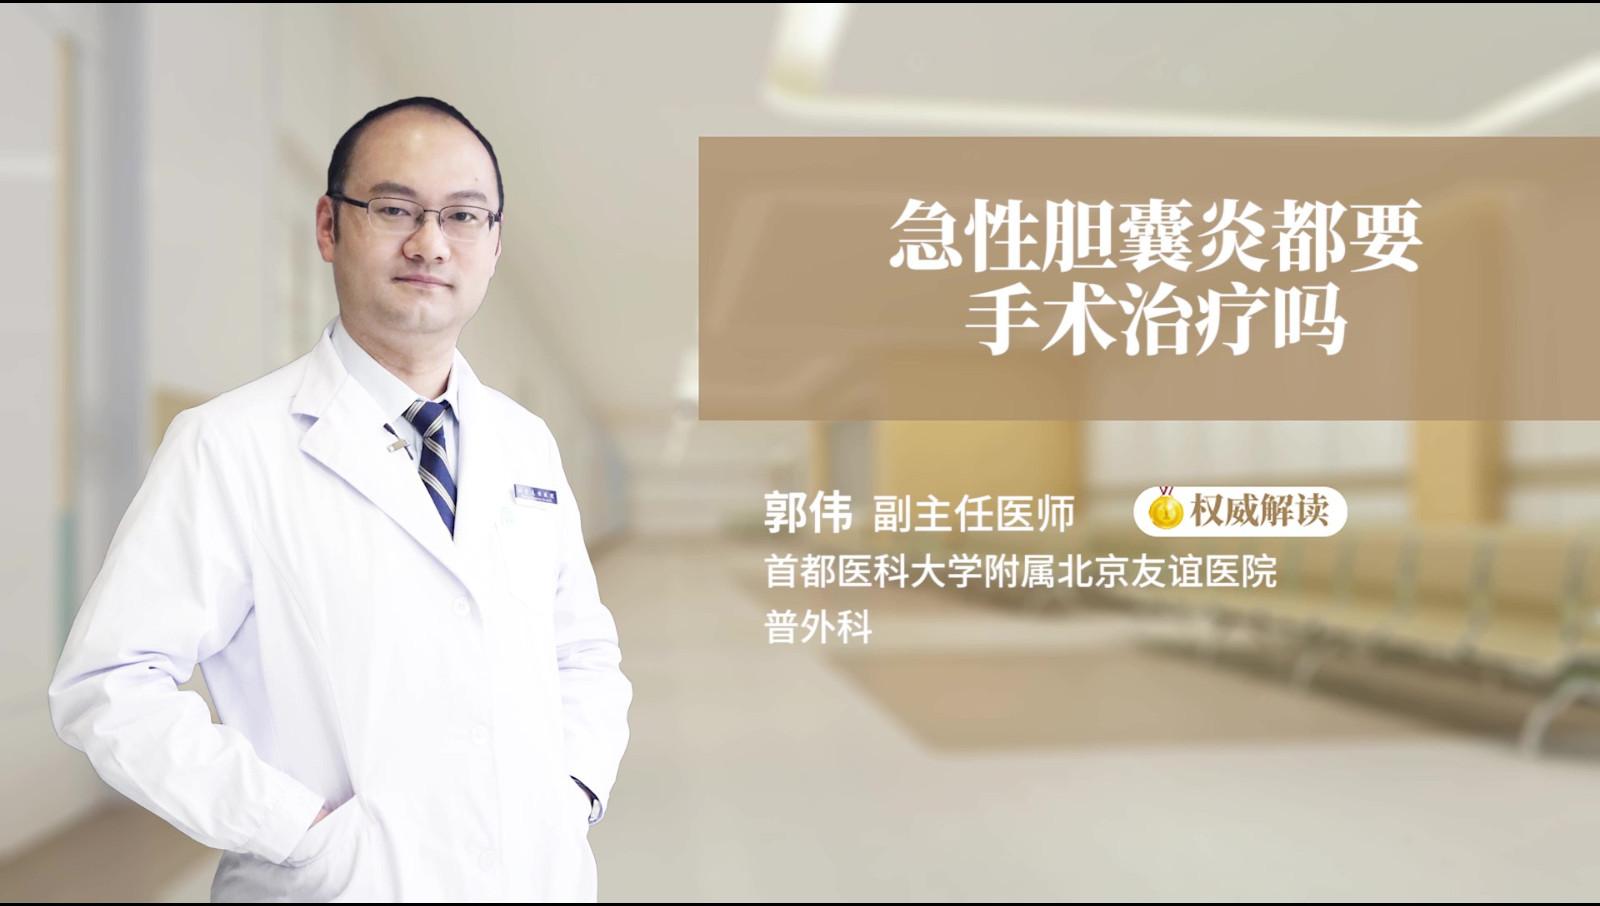 急性胆囊炎都要手术治疗吗